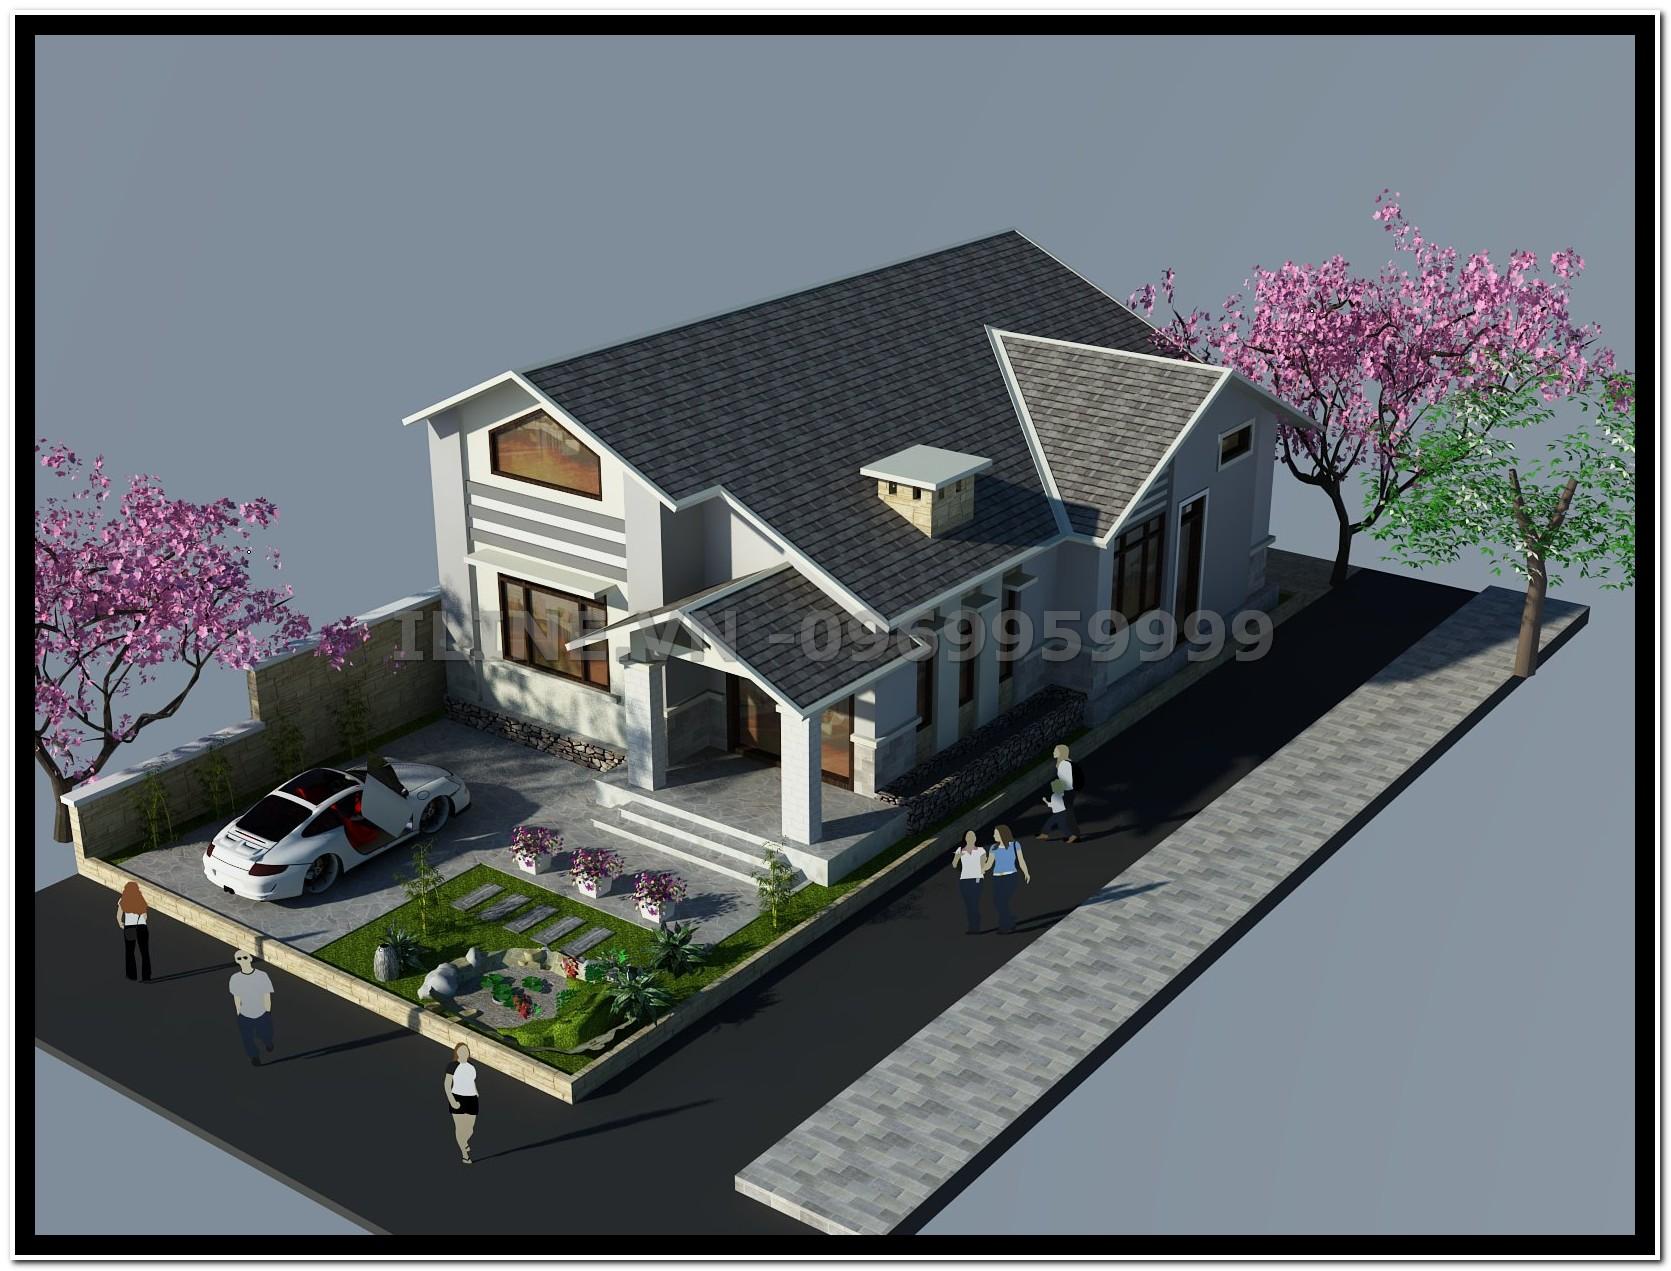 Biệt thự Mini - Chú Mạnh - Hải Phòng - 2011